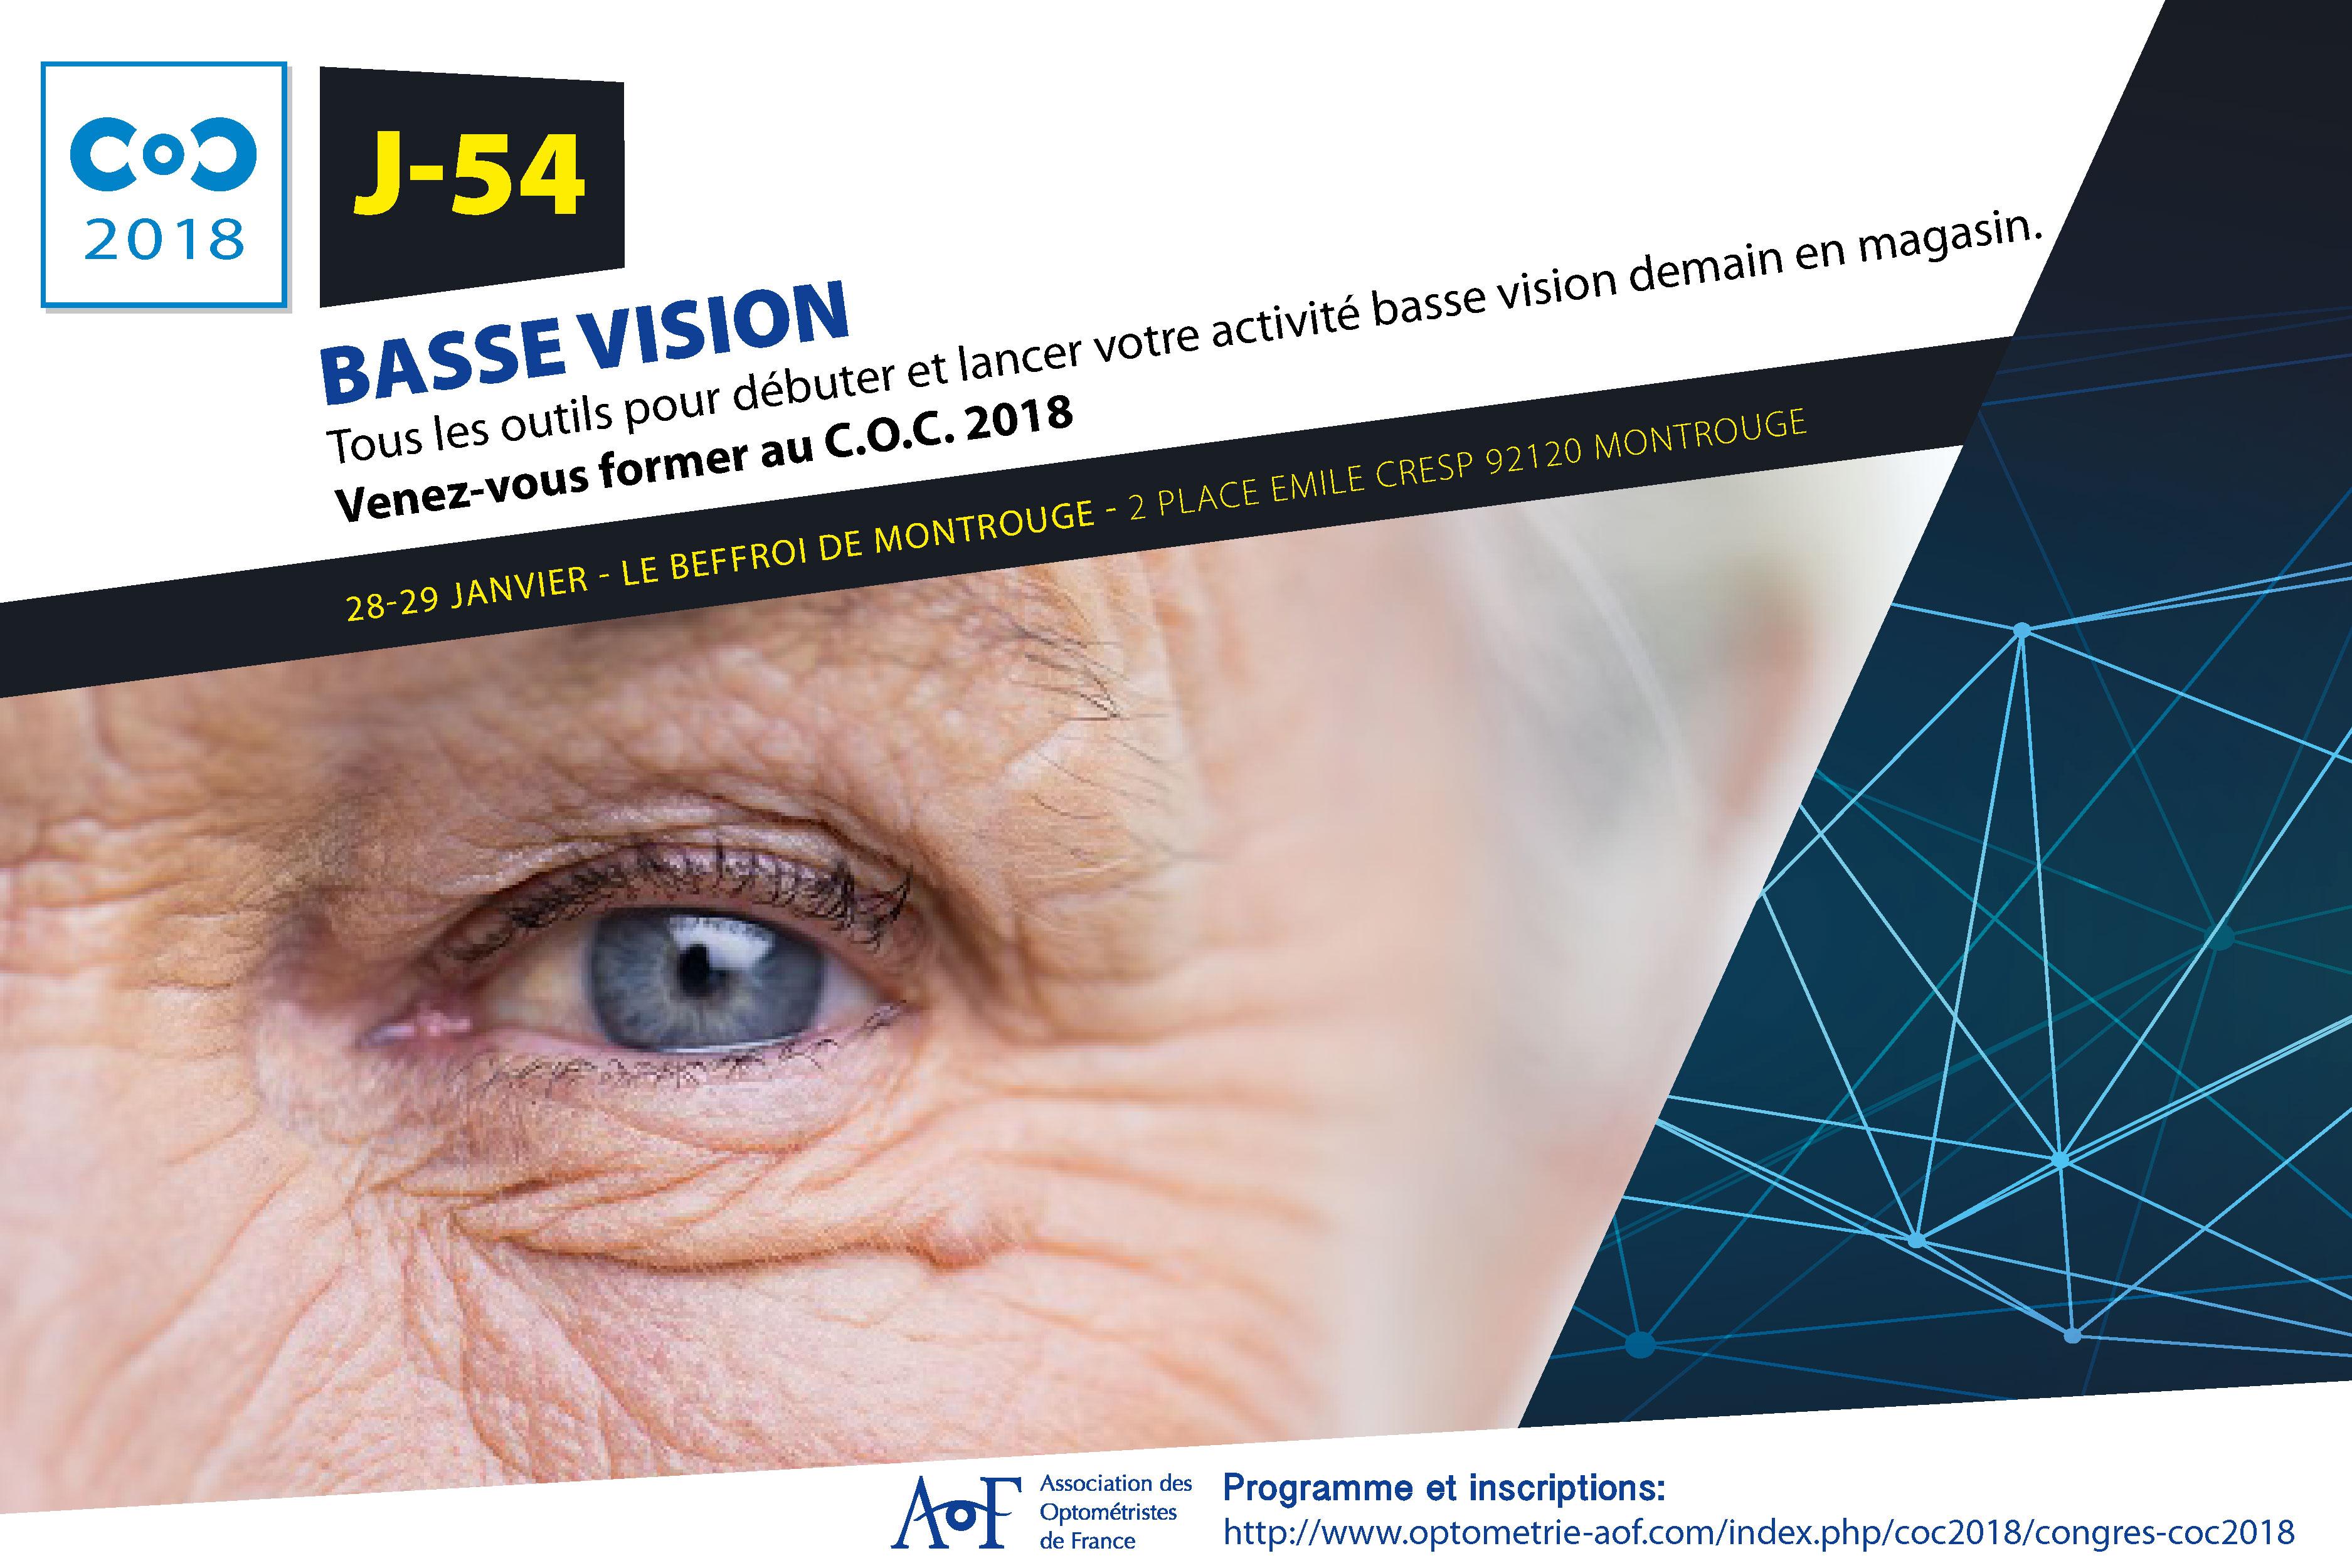 C.O.C 2018 J-54 : BASSE VISION